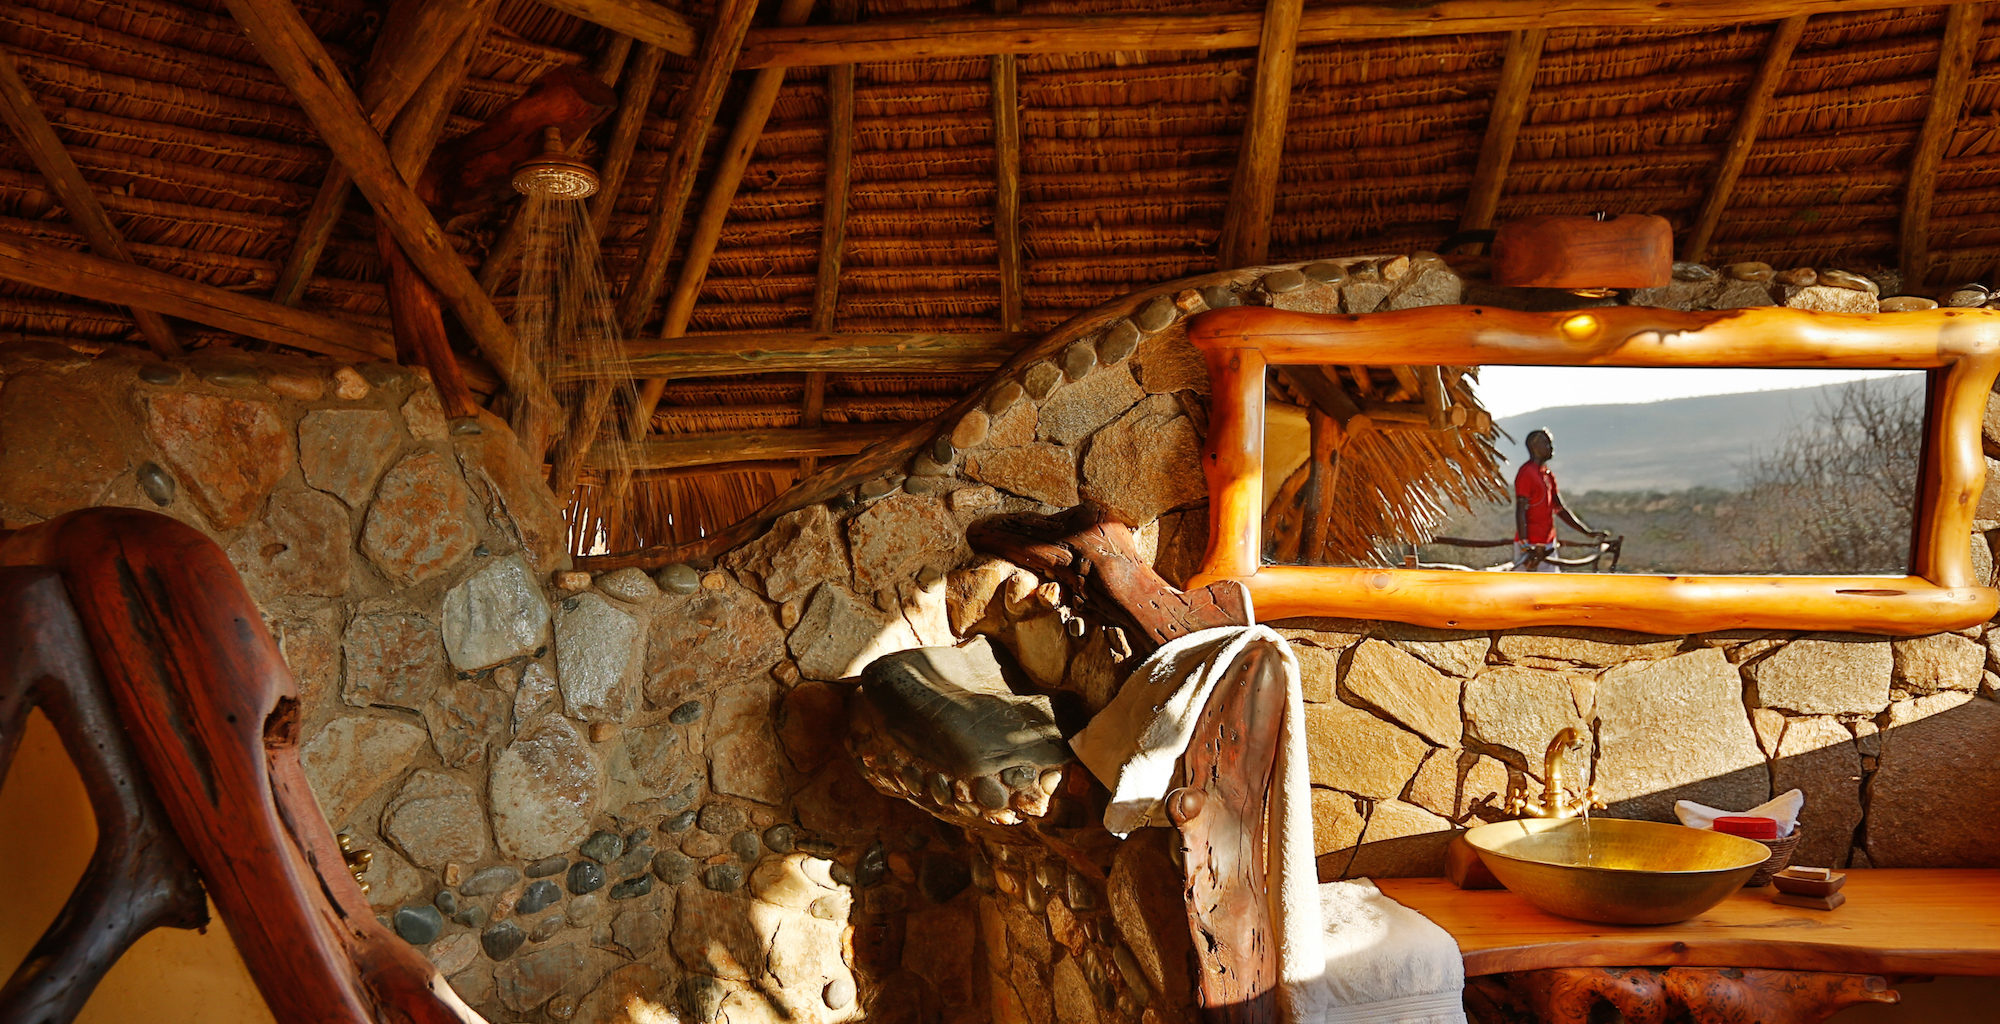 Loisaba Star Beds Kenya Bathroo